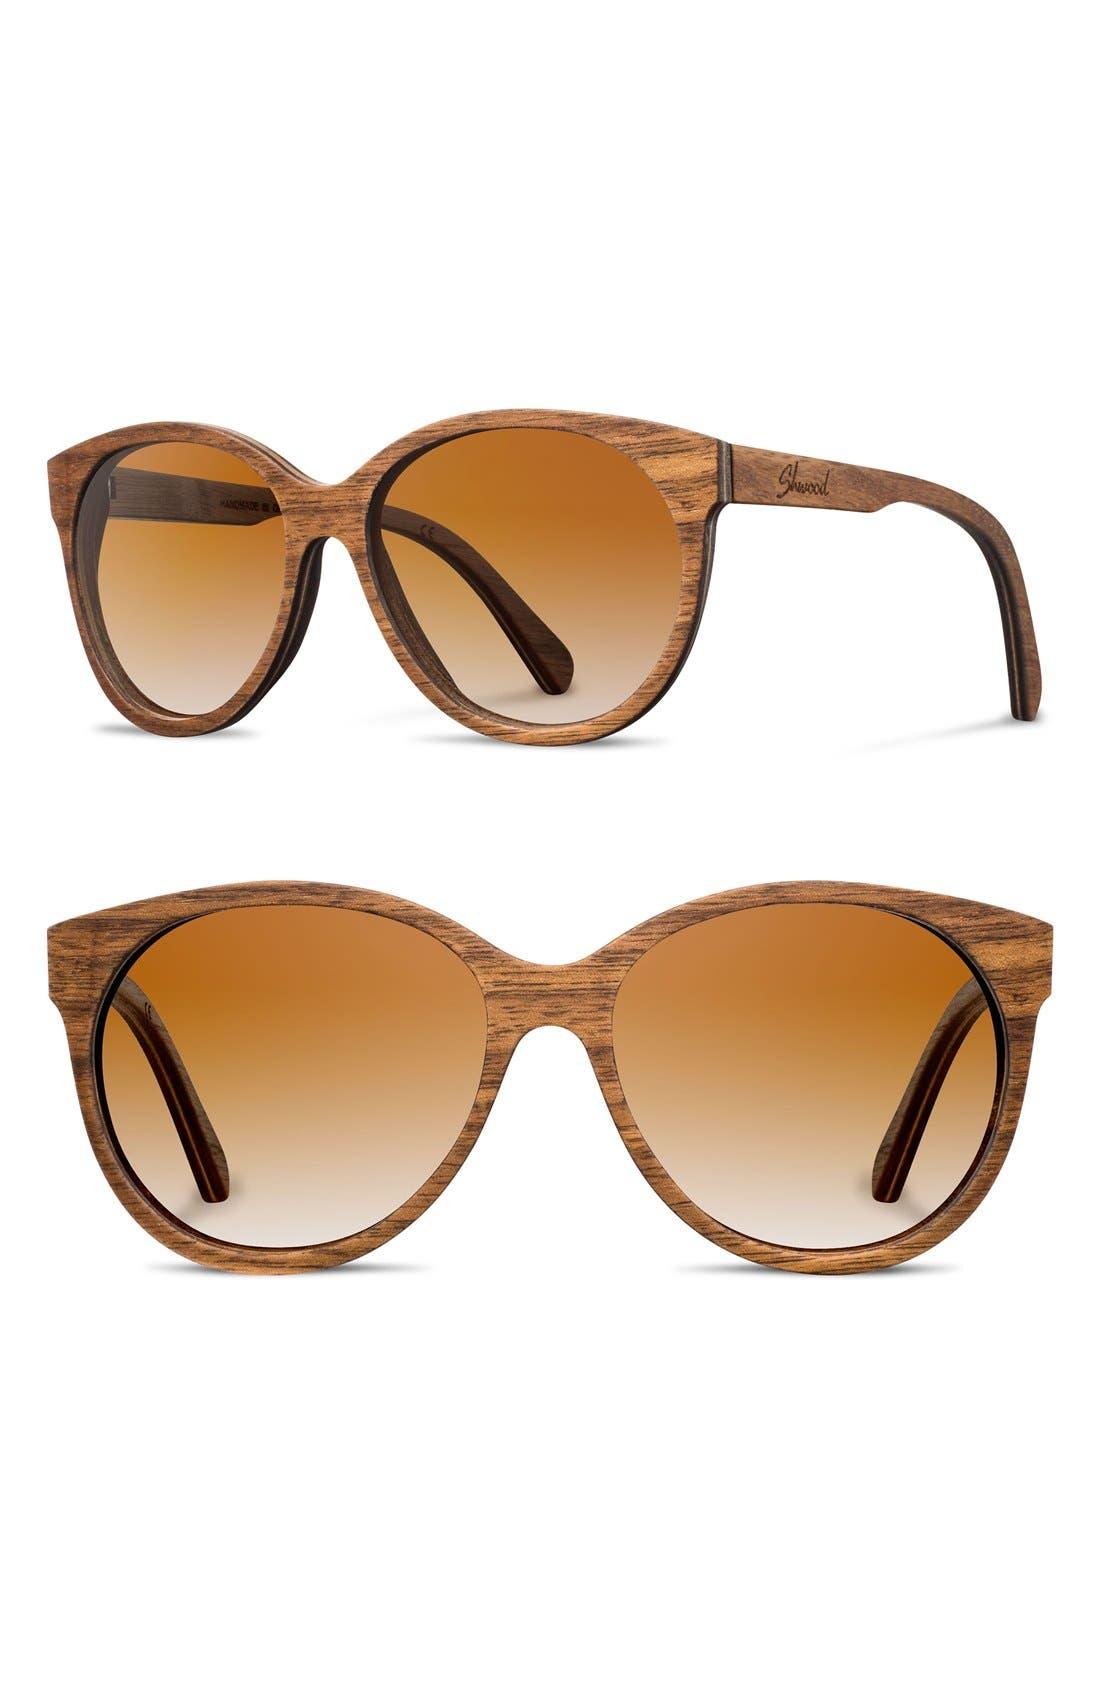 Shwood 'Madison' 54mm Round Wood Sunglasses